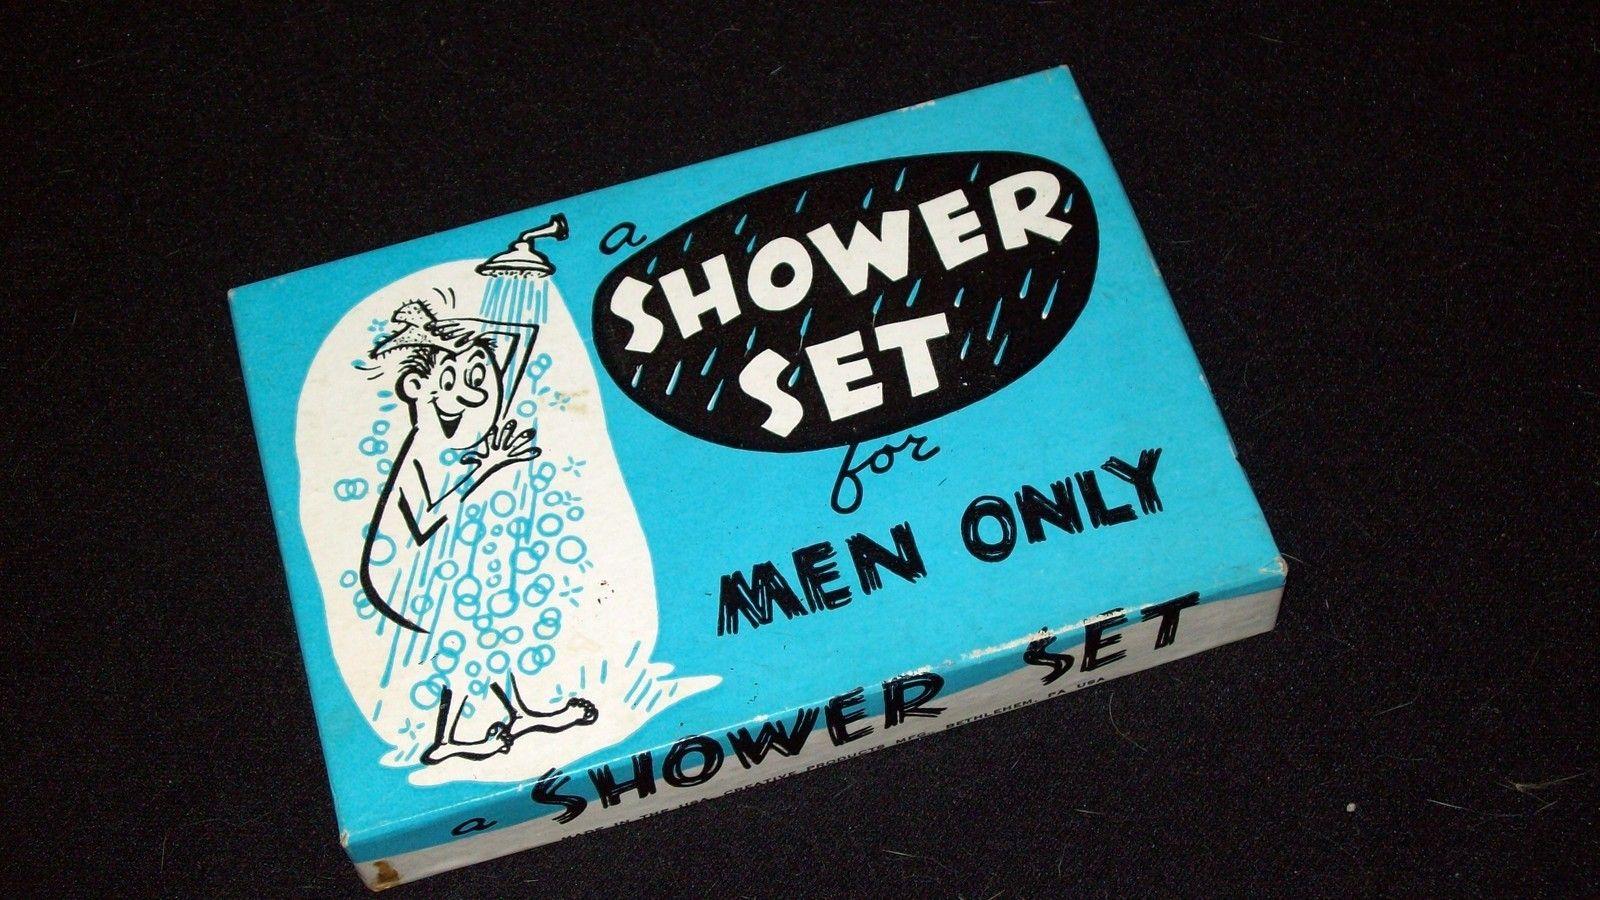 Vintage Novelty Gift - For Men - Shower Set - Slightly Risque - Funny!